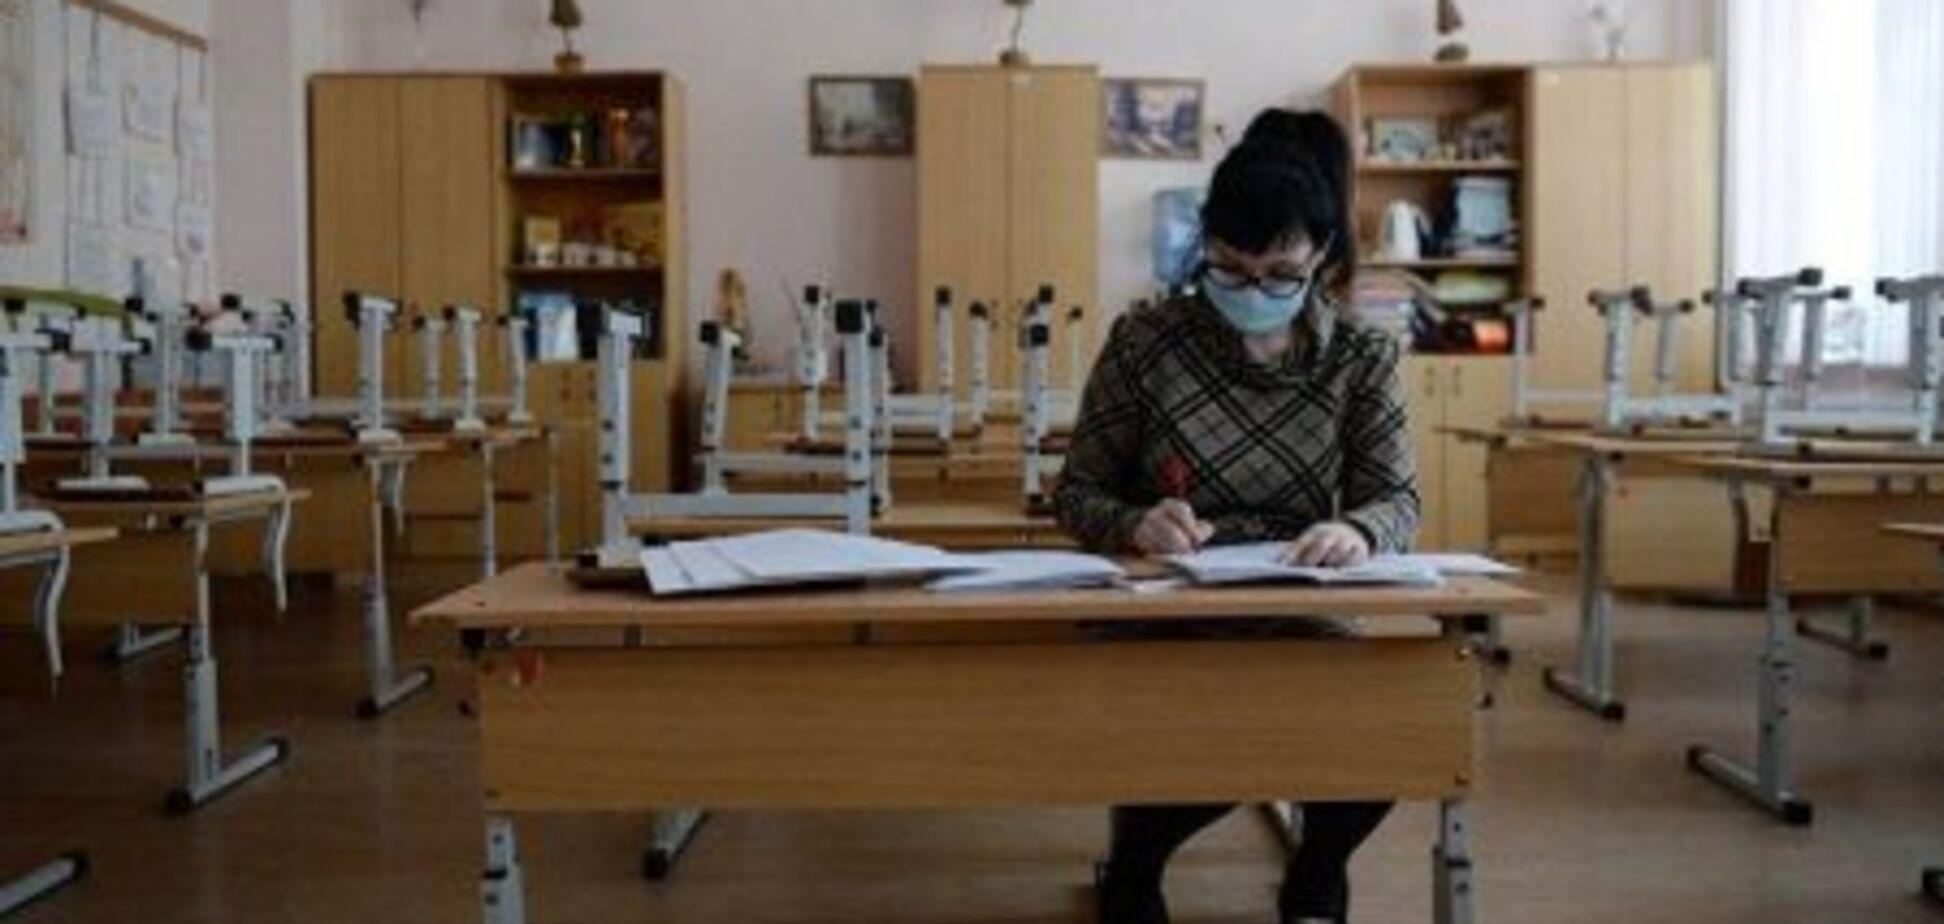 Пандемия коронавируса: международные организации издали руководство по защите школьников